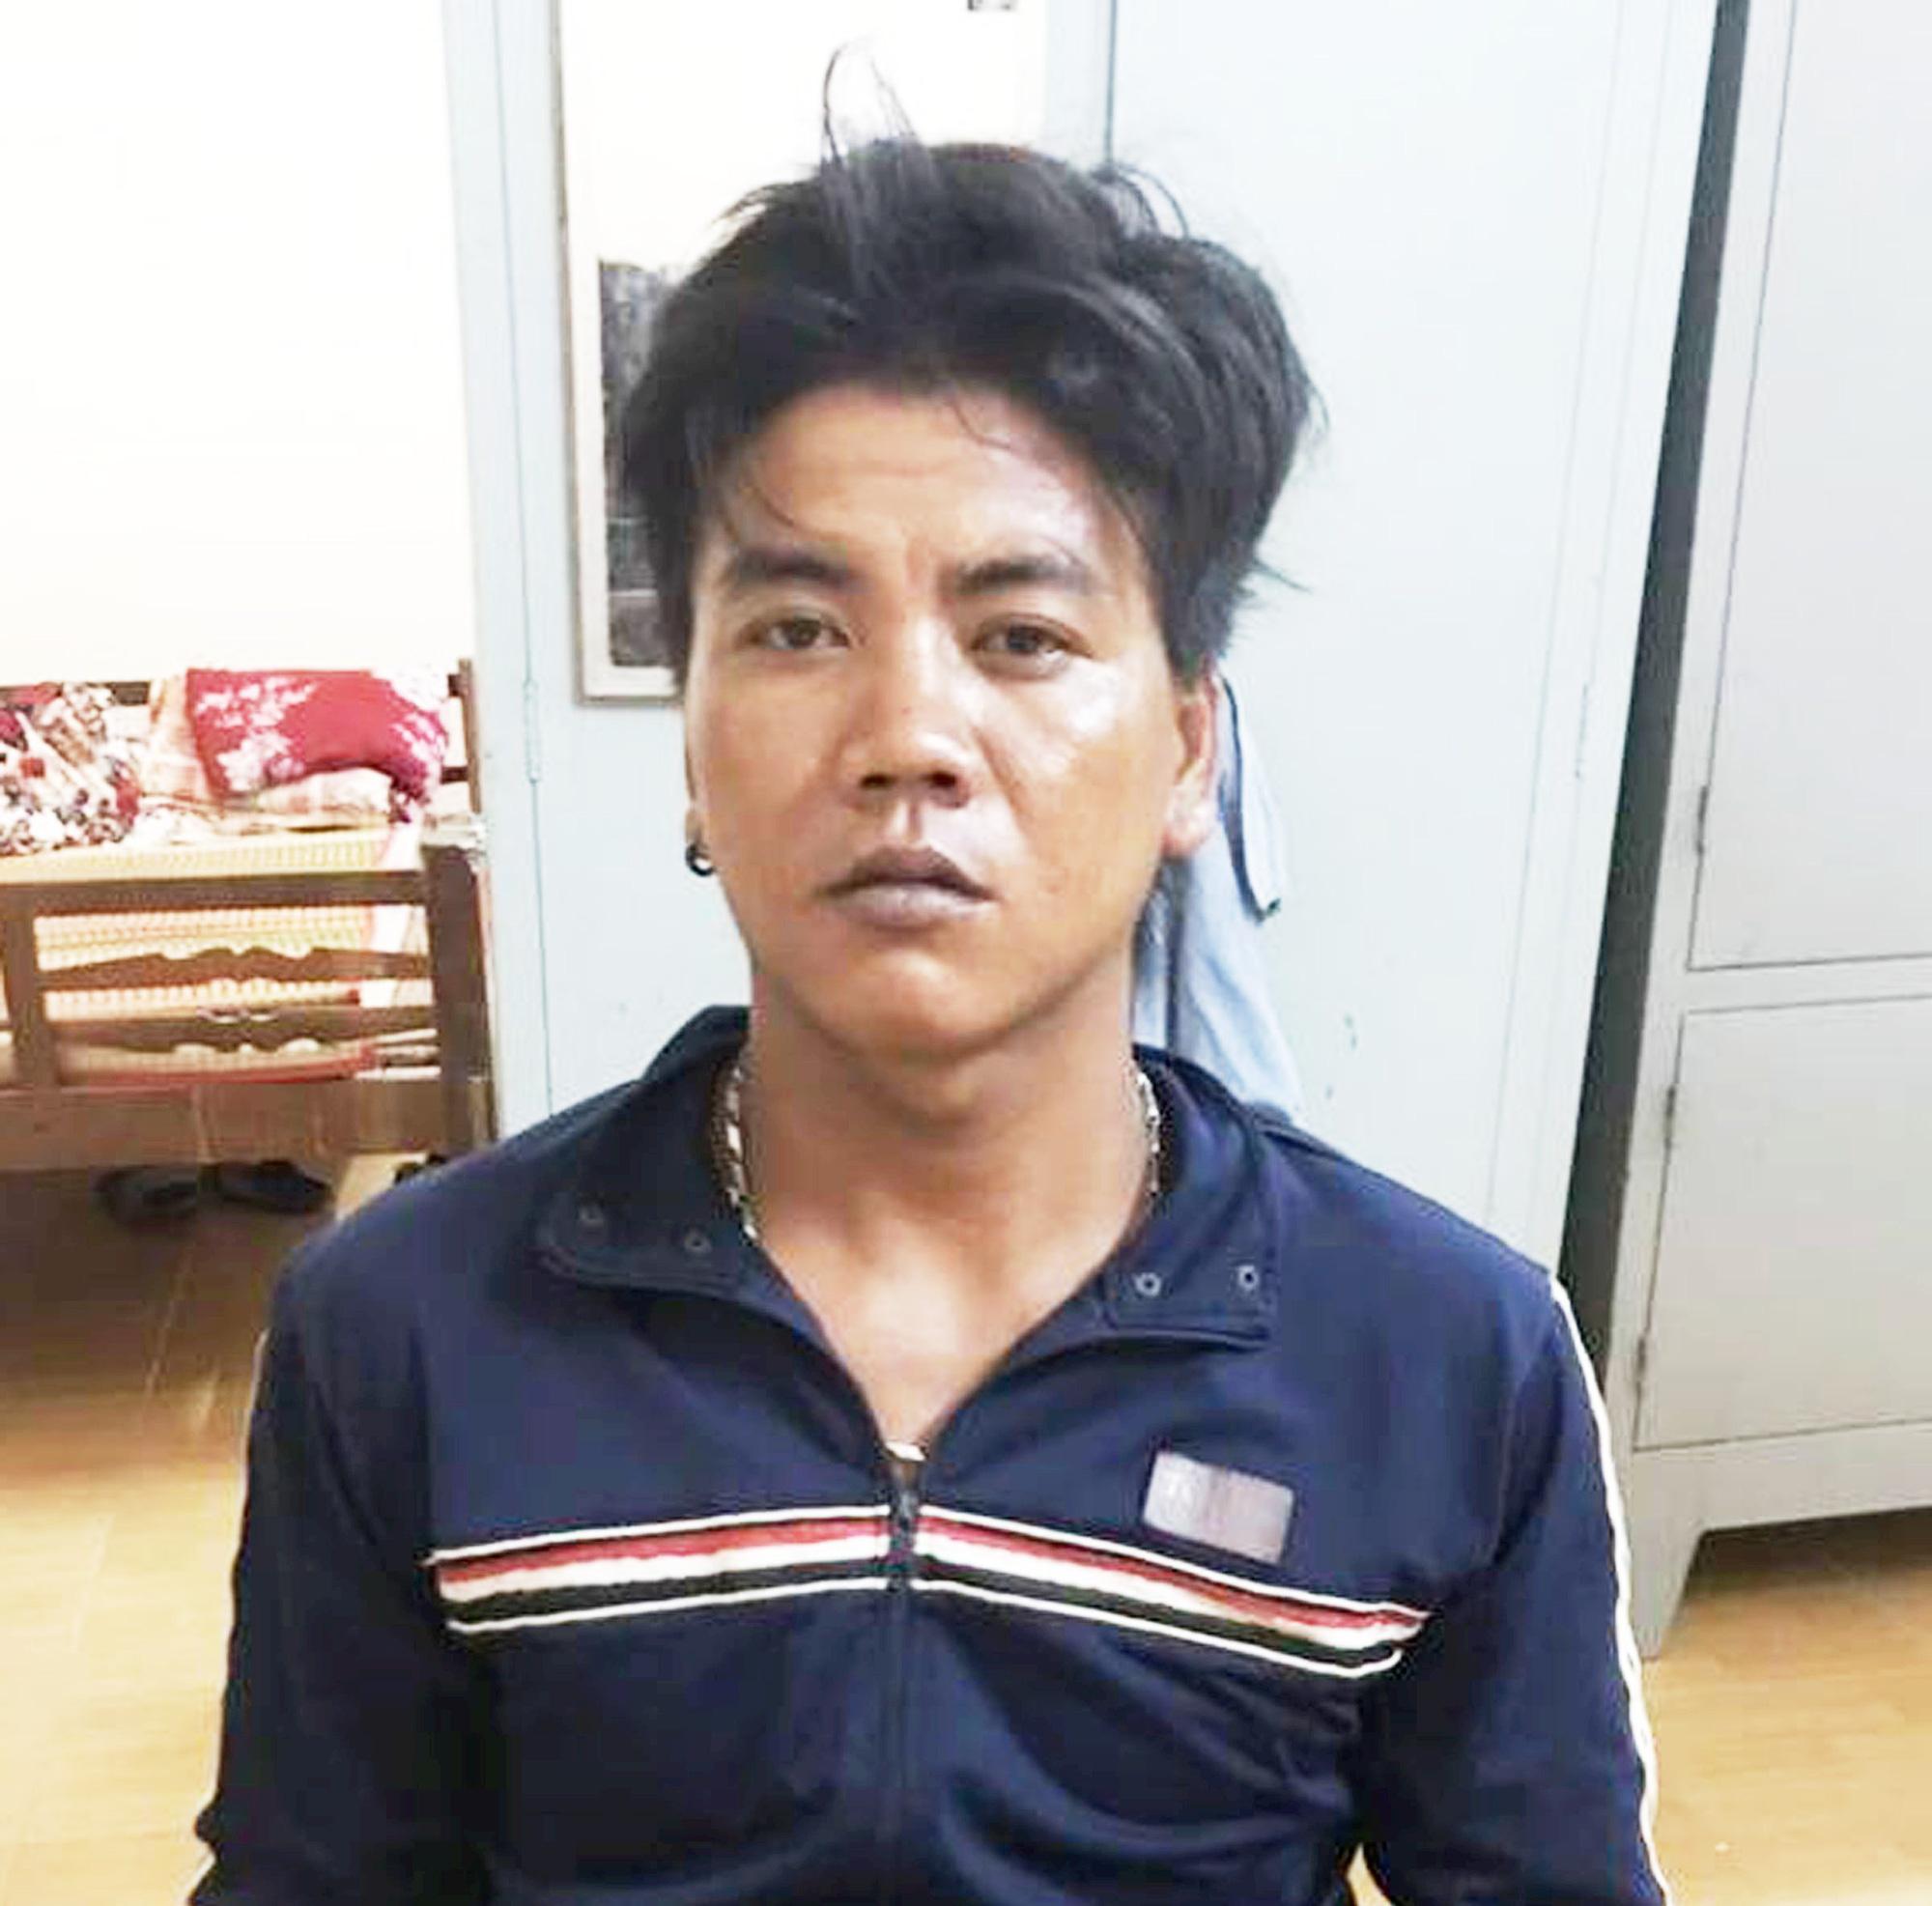 Gia cảnh khốn cùng của bé 6 tuổi bị cha bạo hành ở Sóc Trăng - Ảnh 5.